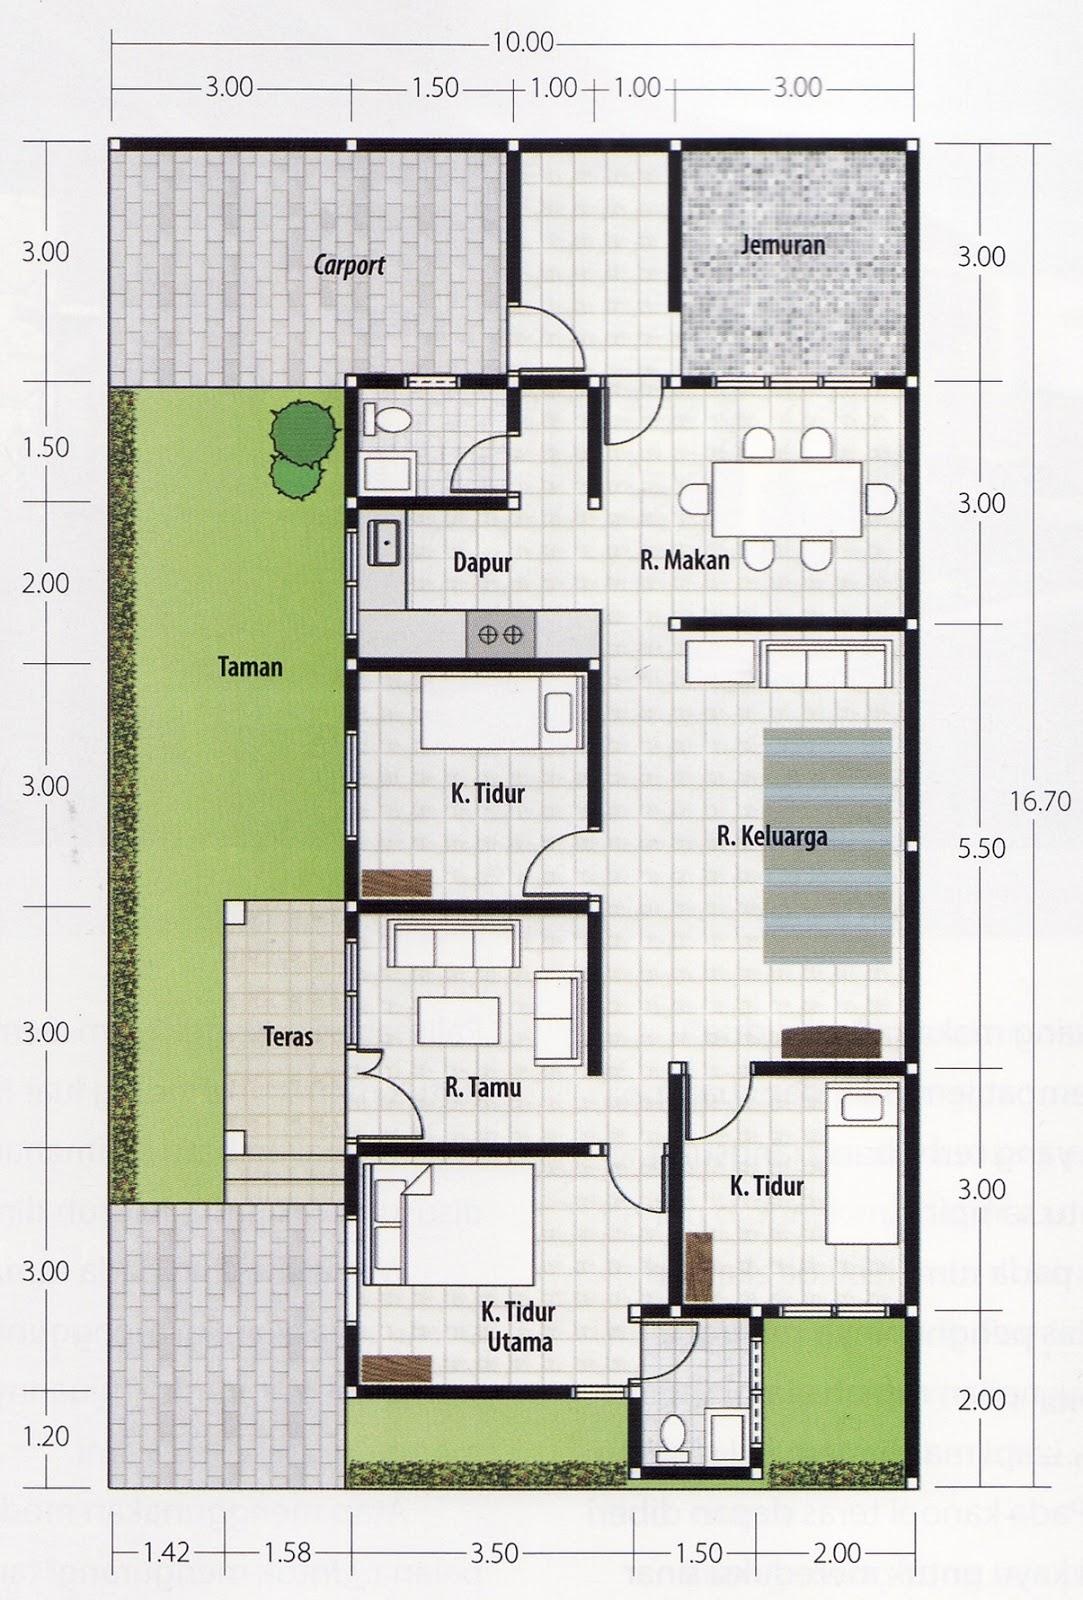 Desain Rumah Minimalis 3 Kamar Tidur 1 Lantai Desain Rumah